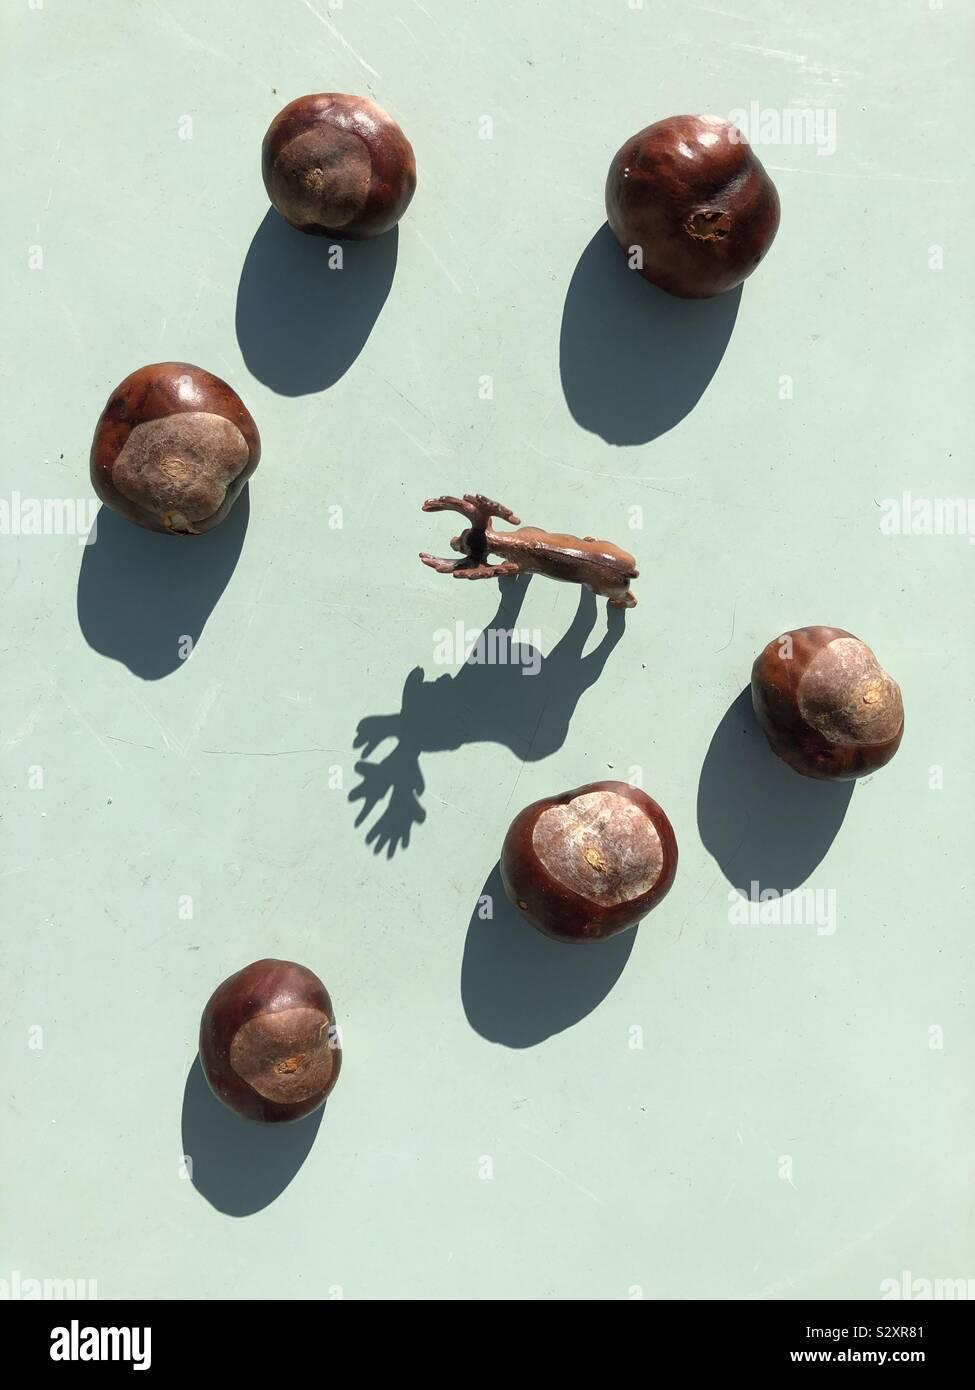 Herbst themed Bild von Kastanien conker und Schatten eines Spielzeugs Rotwild Stockfoto